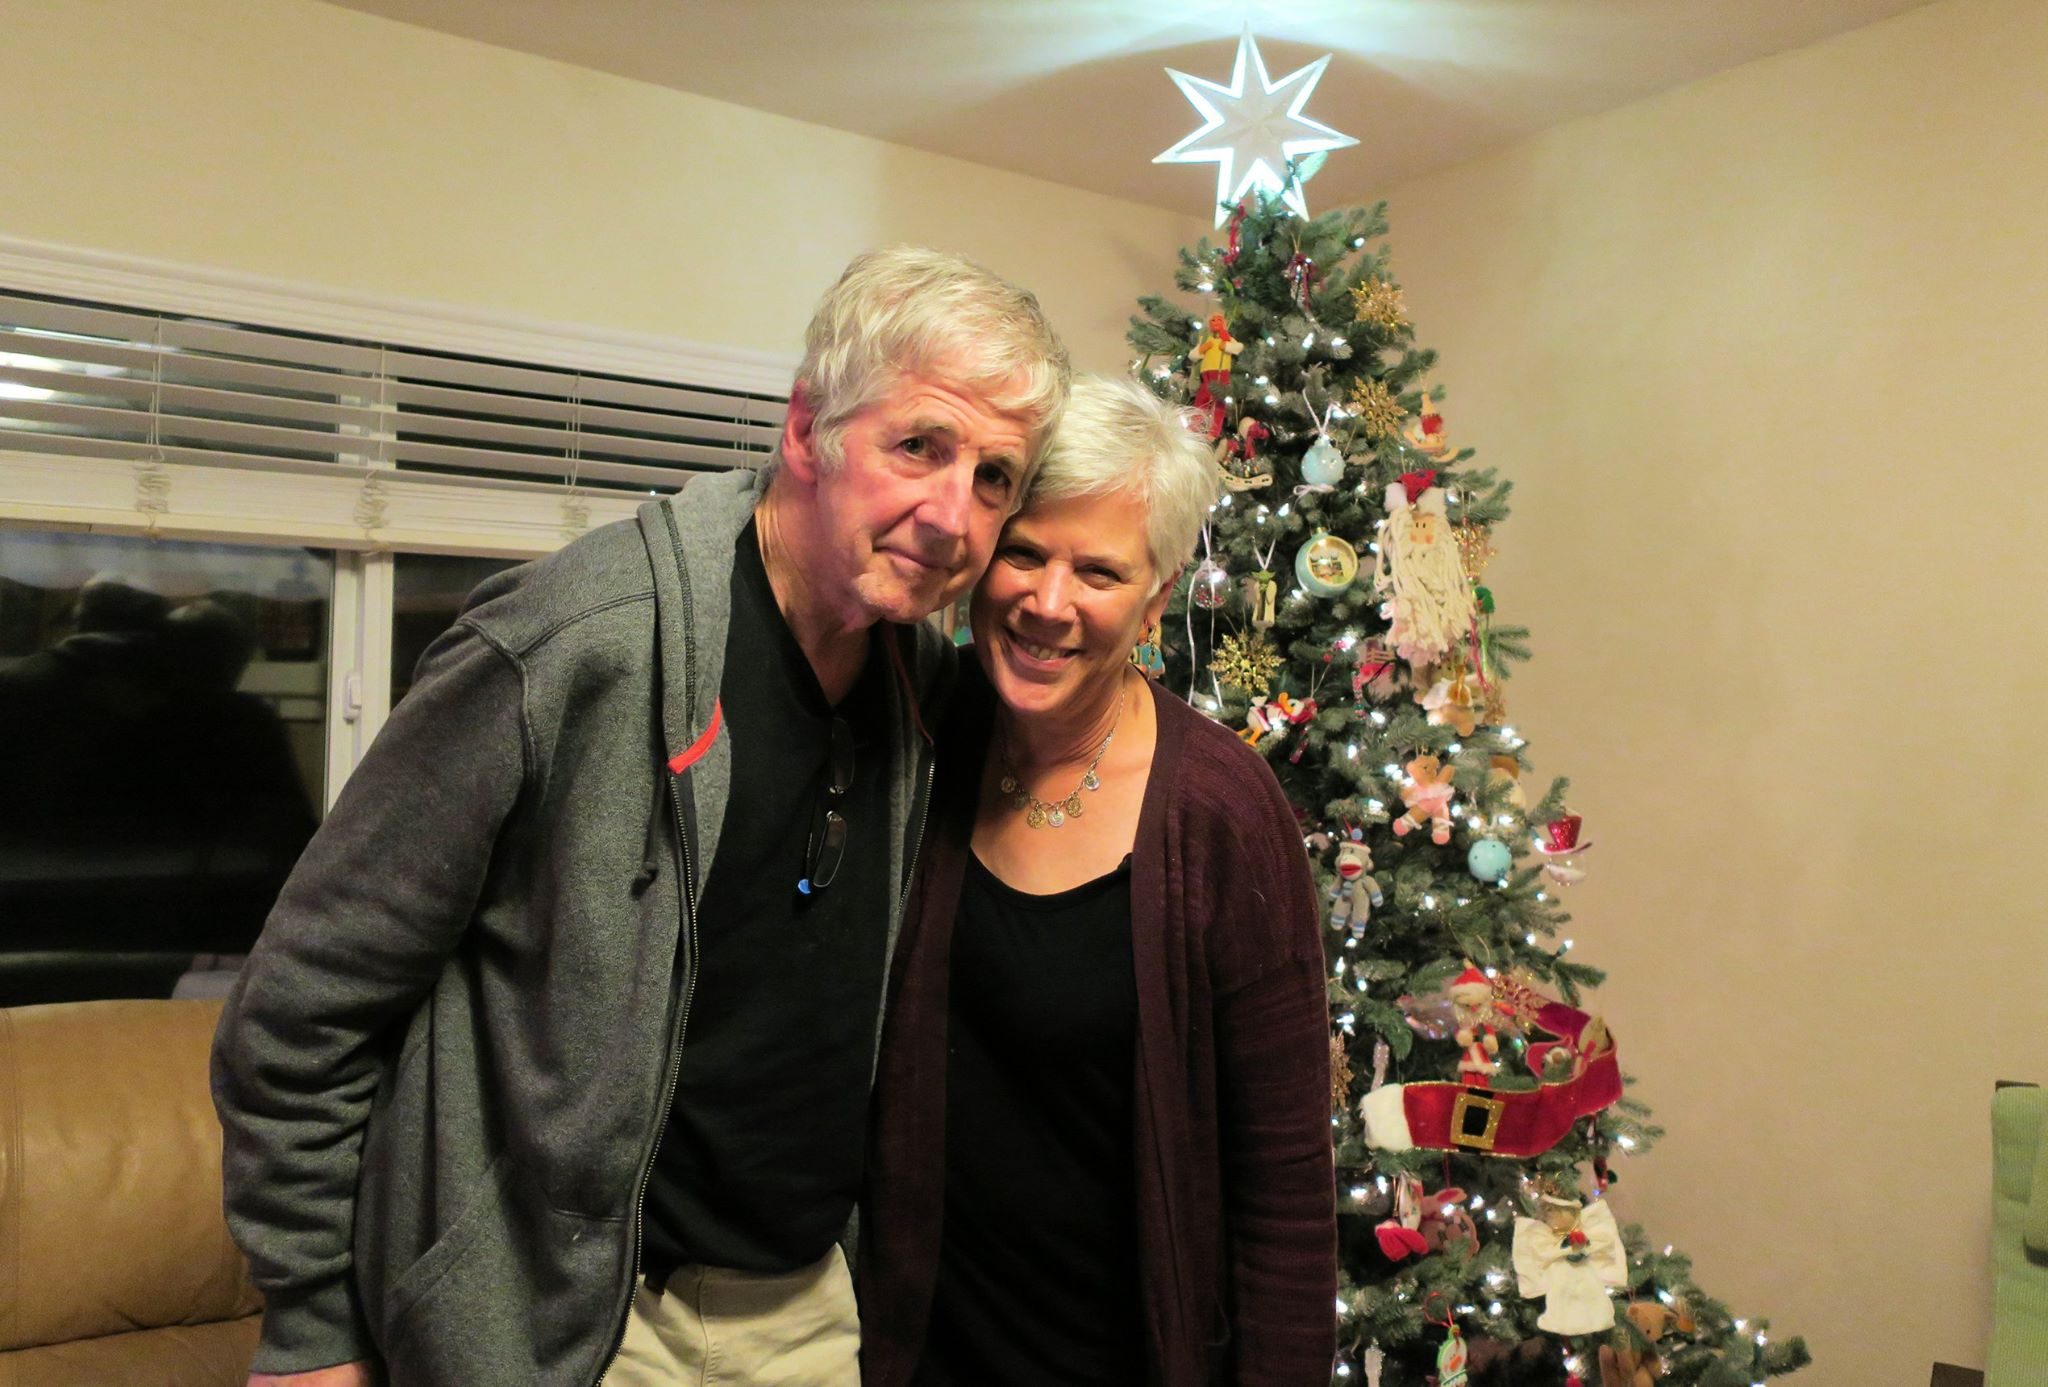 Larry Smith y su esposa Betty, quien lo acompaña a todos lados y lo apoya constantemente